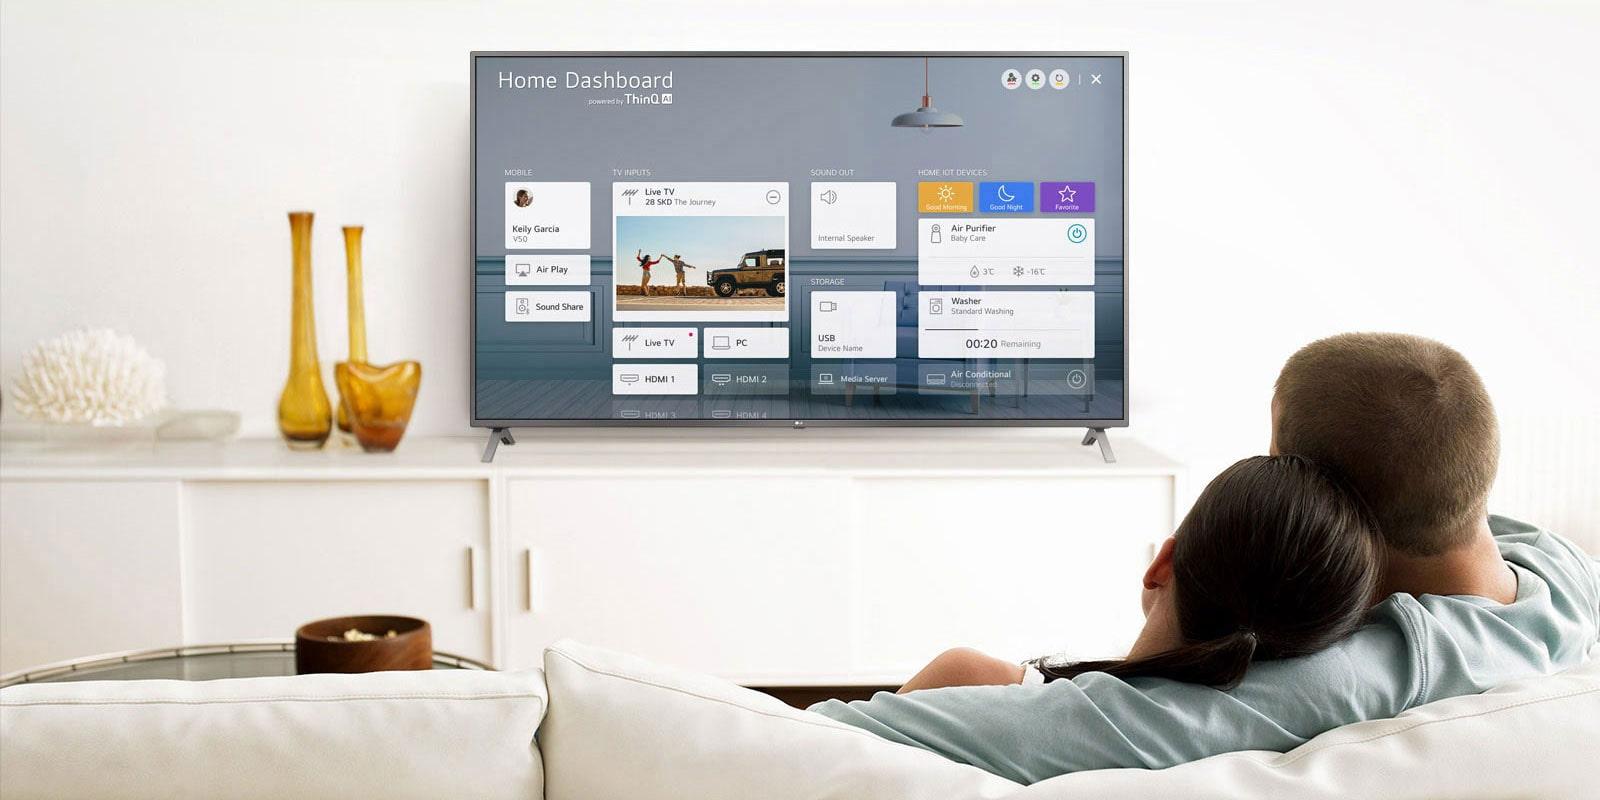 Un hombre y una mujer sentados en un sofá en la sala de estar con el Panel para el hogar en la pantalla del televisor.